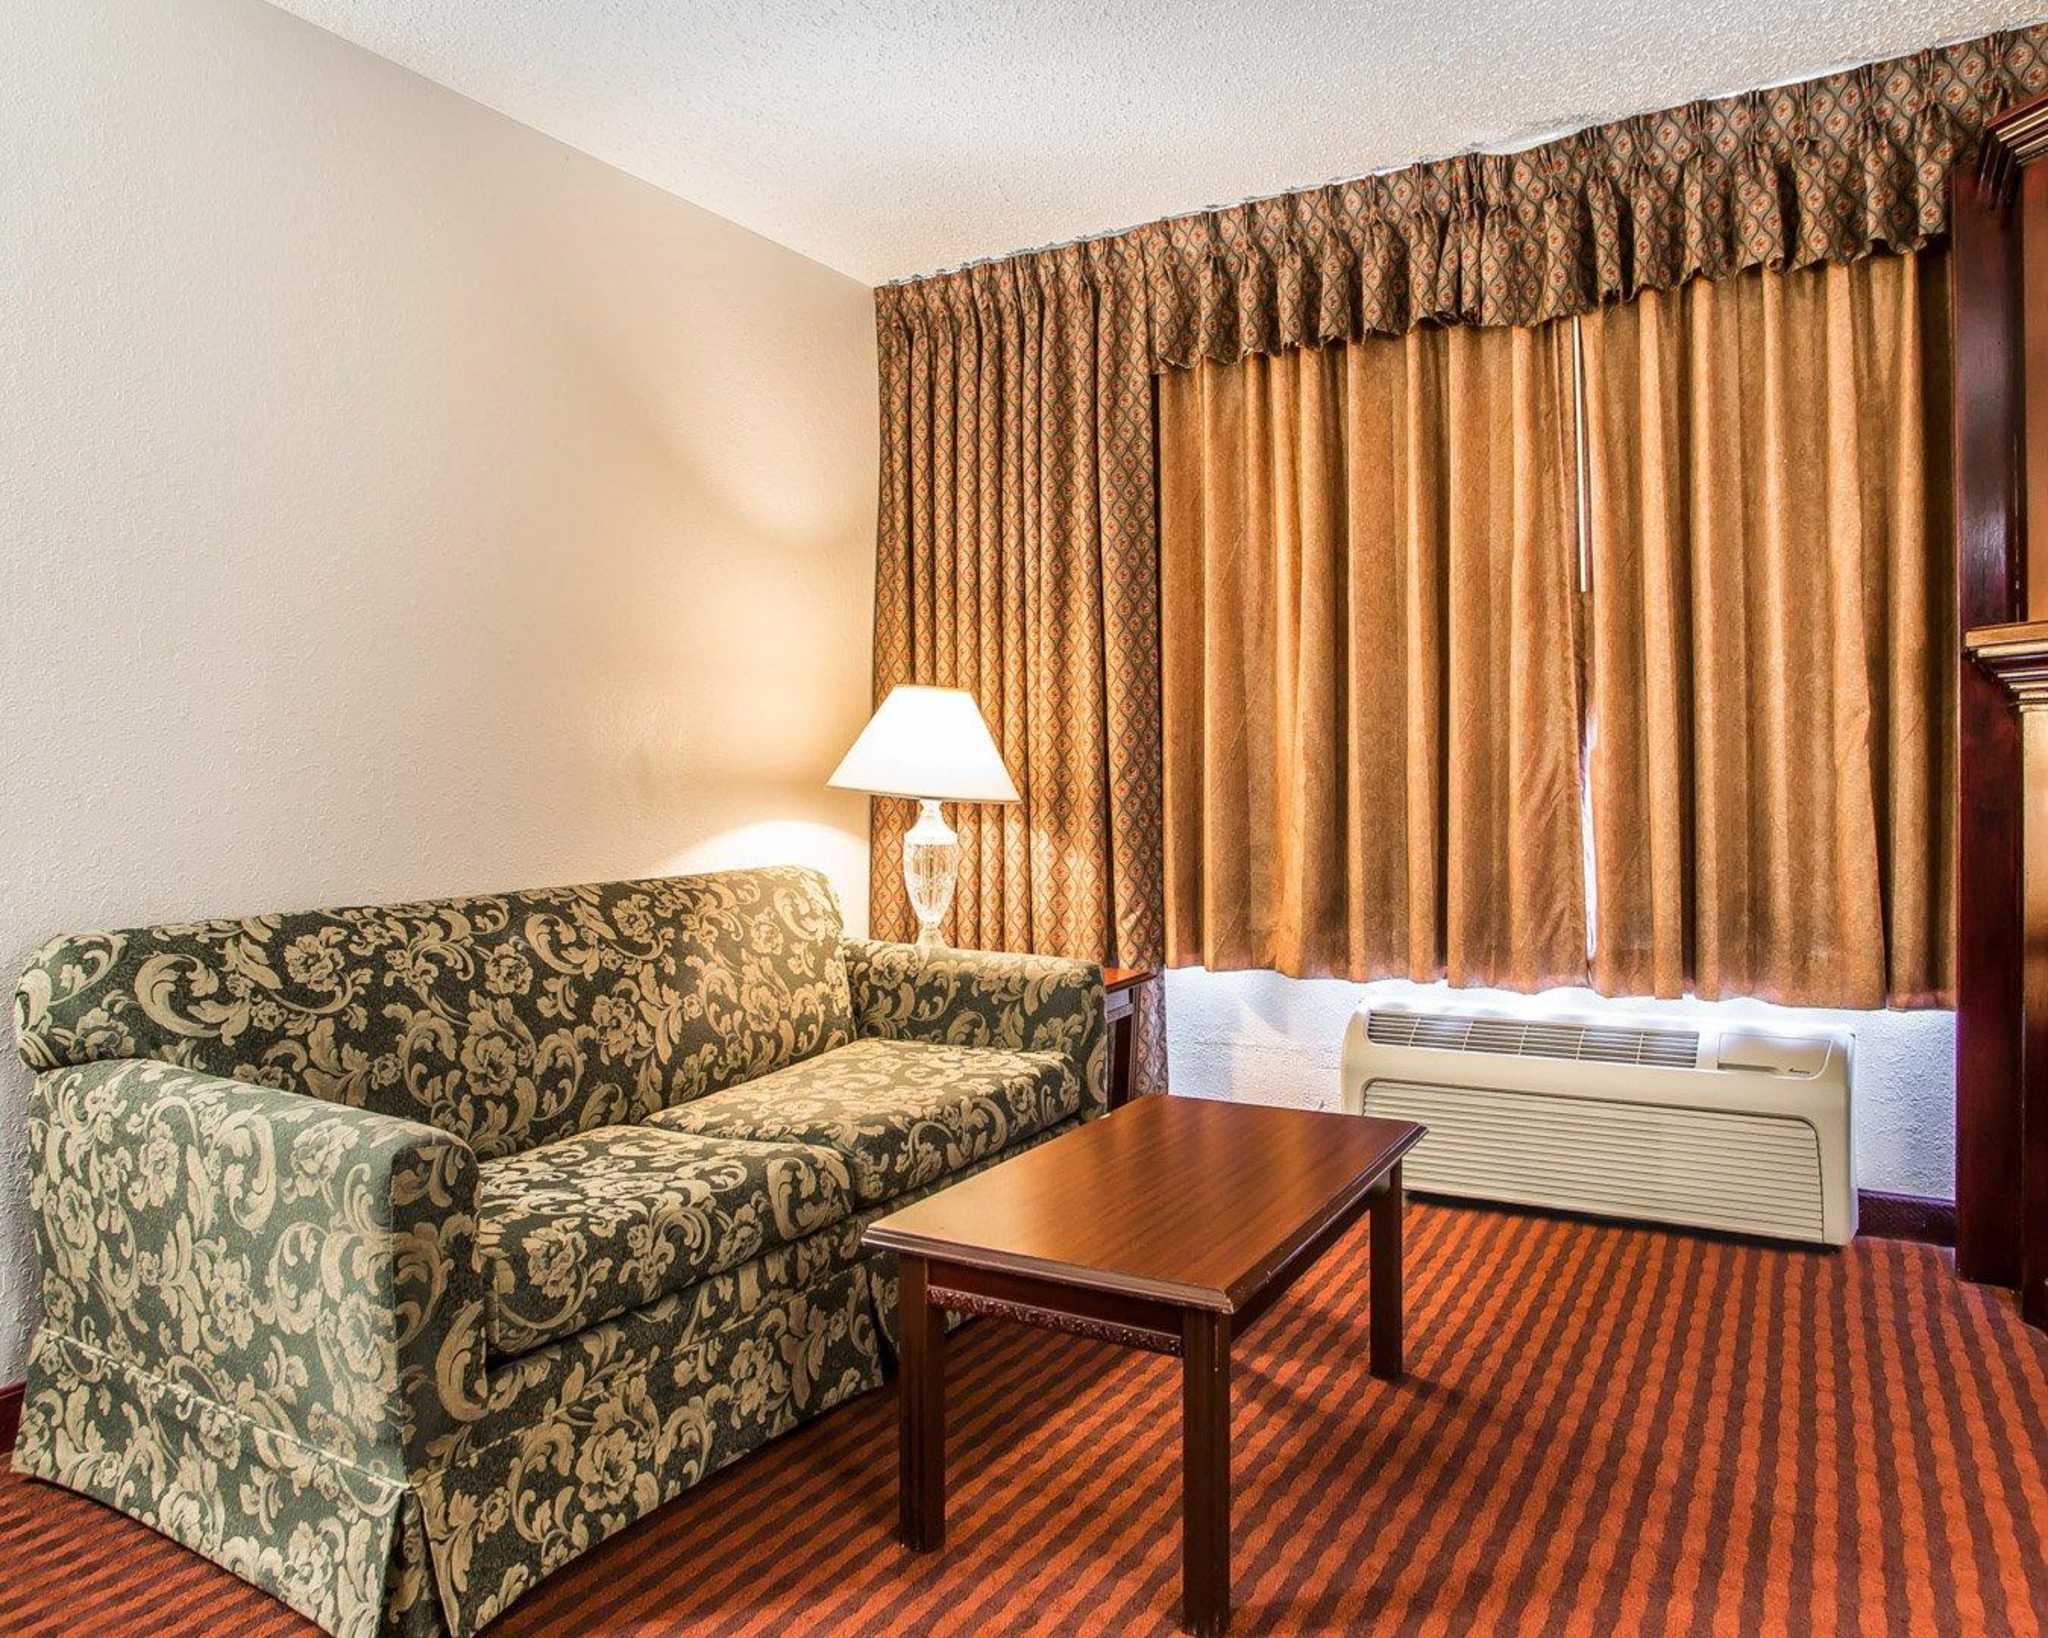 Clarion Hotel Highlander Conference Center image 23